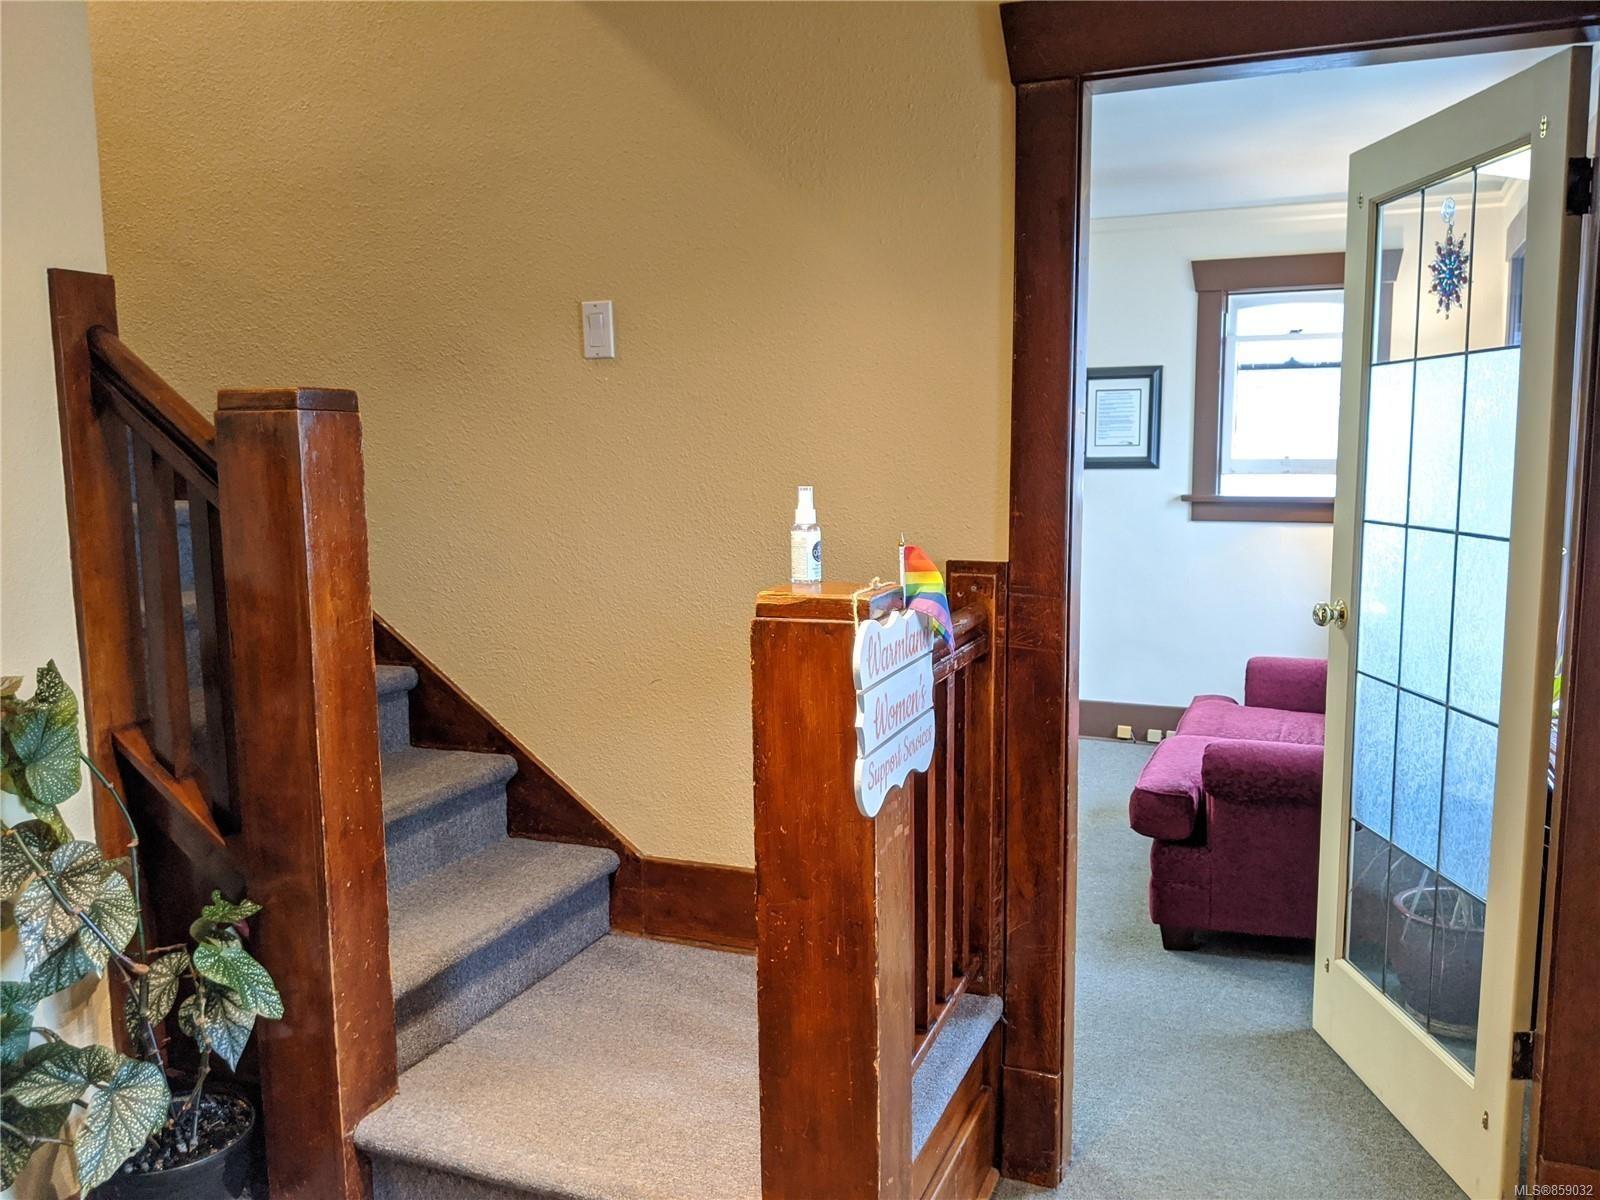 Photo 7: Photos: 331 St. Julian St in : Du West Duncan Office for sale (Duncan)  : MLS®# 859032